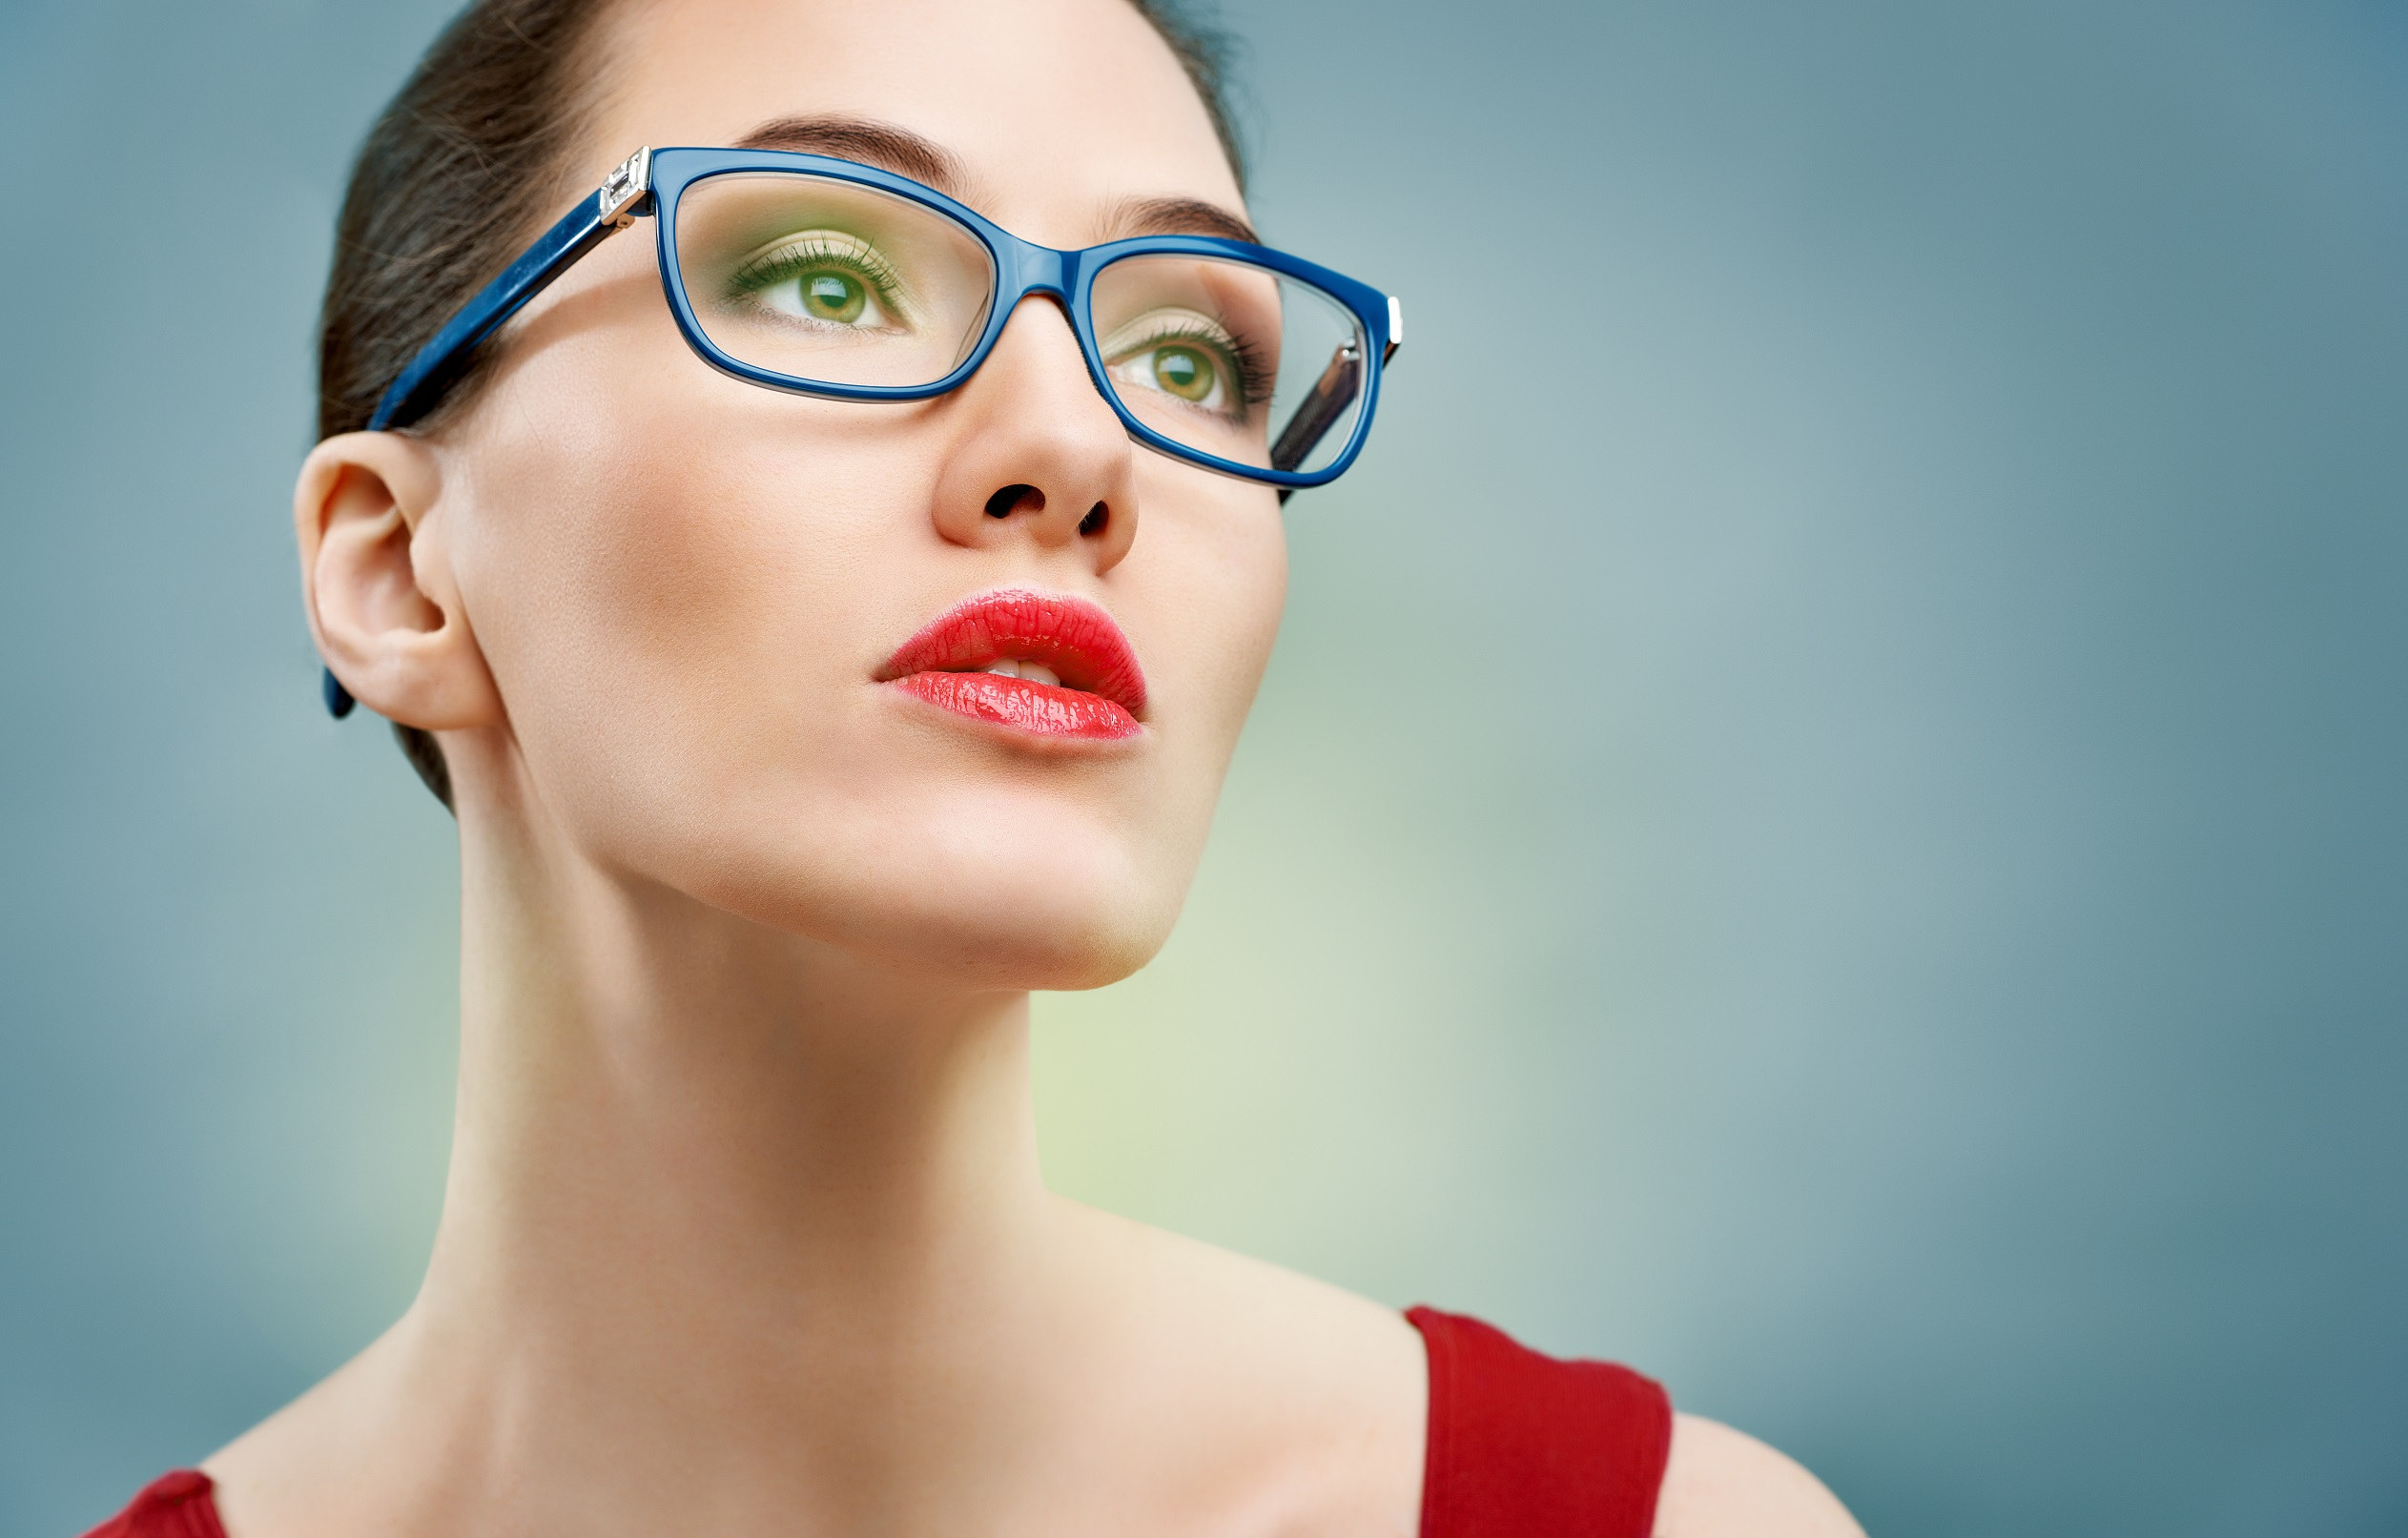 Varilux multifokális szemüveg akció